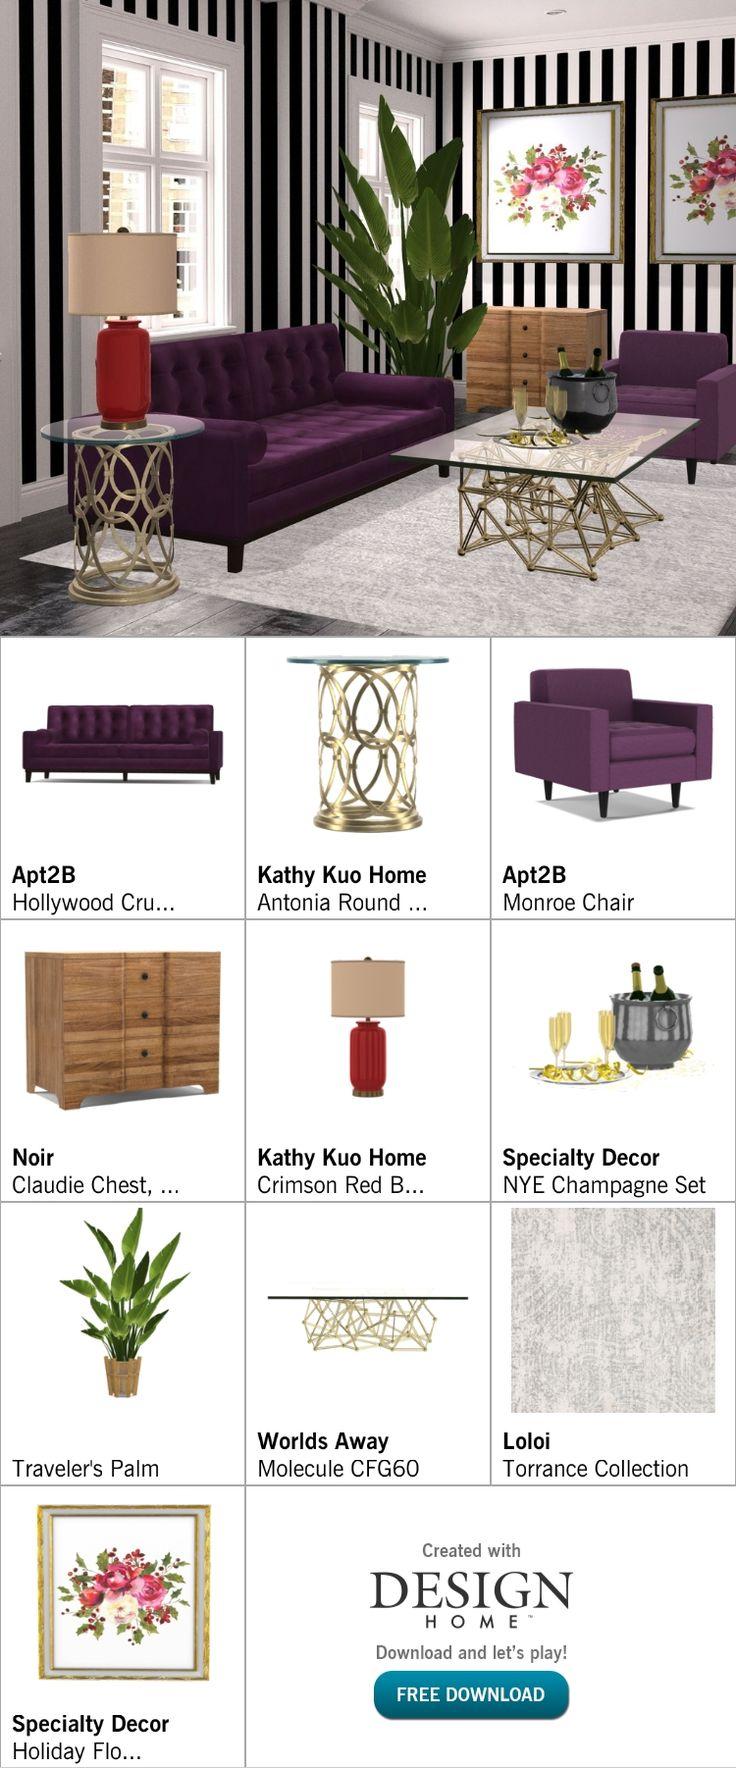 166 best Home design images on Pinterest | Home design, Home ...